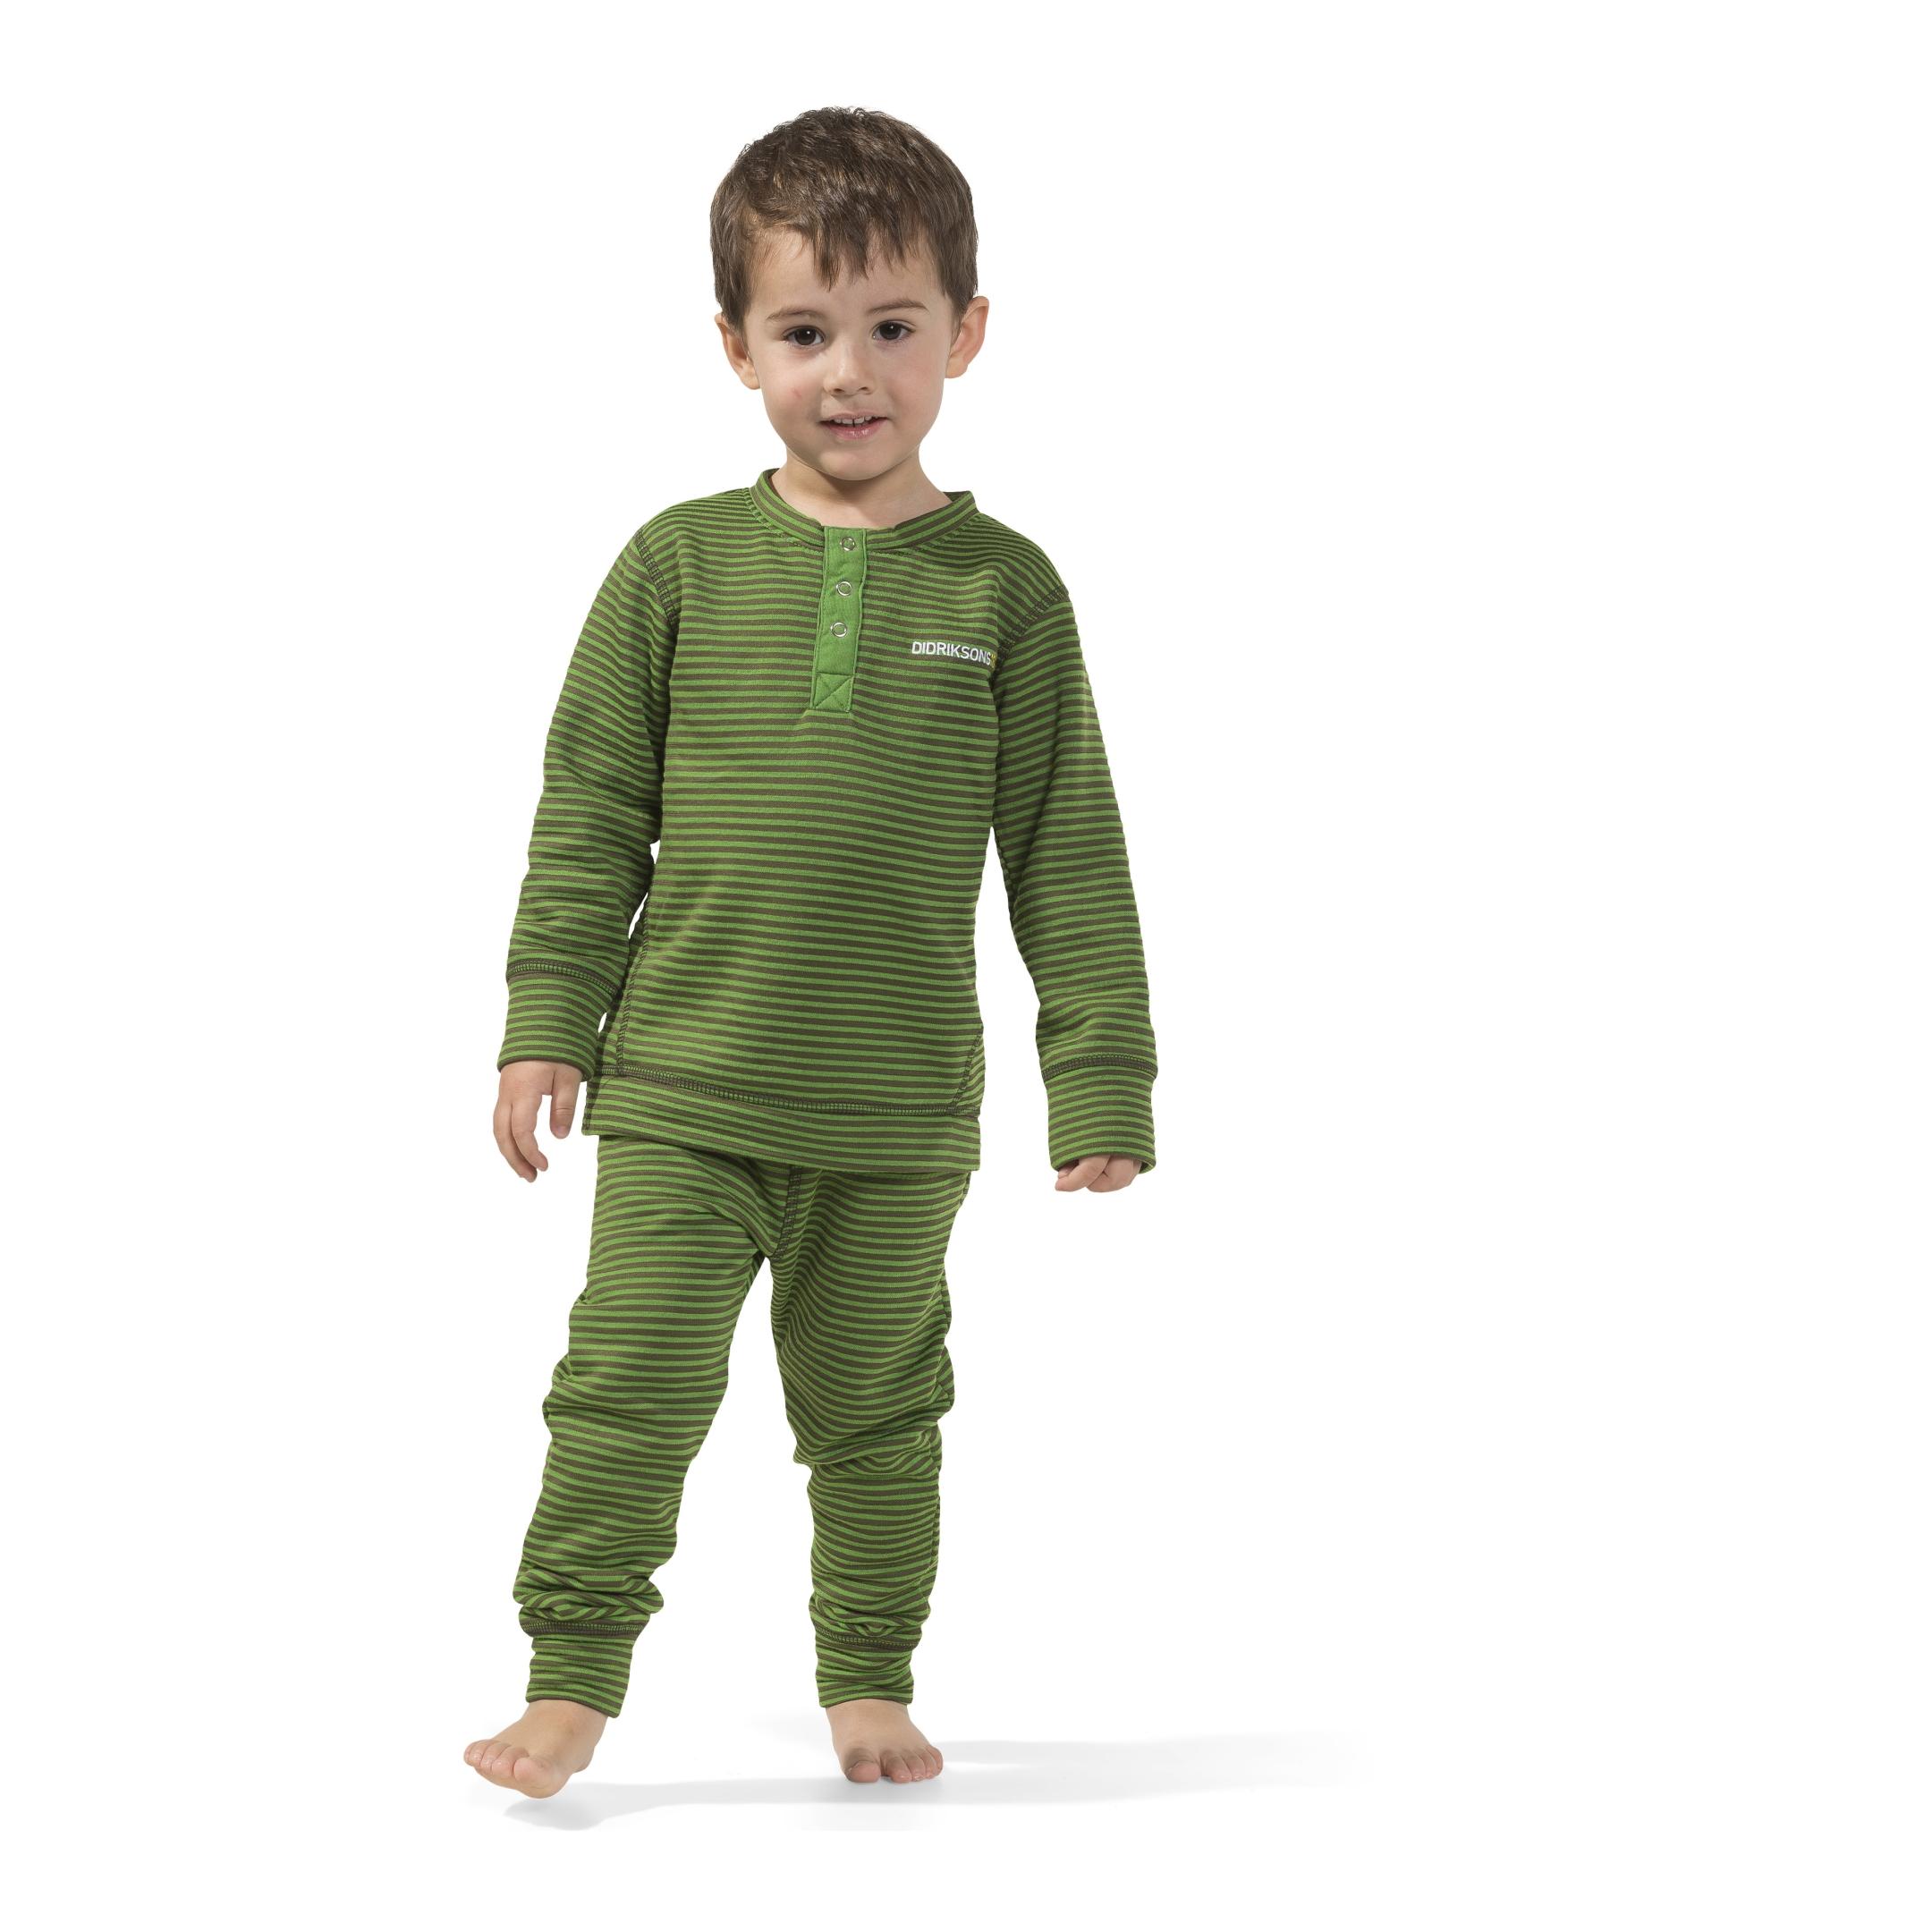 2be474c1a Detský funkčný set MOARRI Didriksons1913 - zelená - Funkčné detské ...